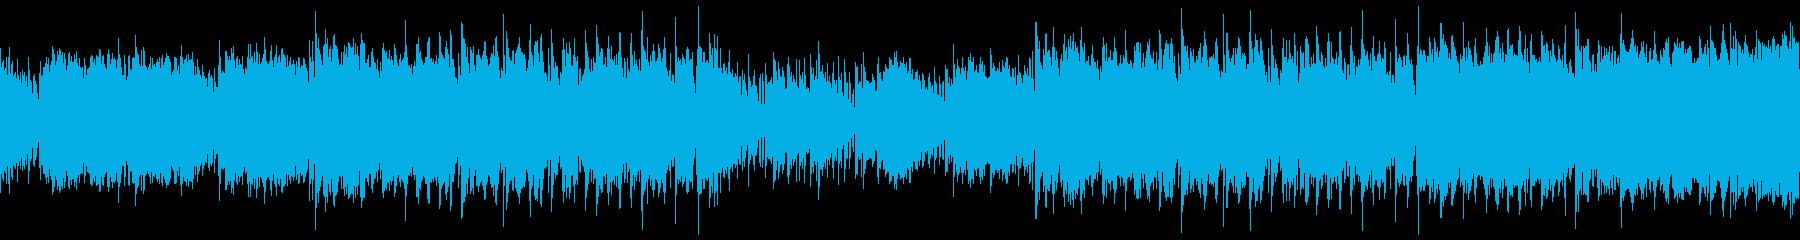 ループ・おしゃれでかわいいR&Bの再生済みの波形